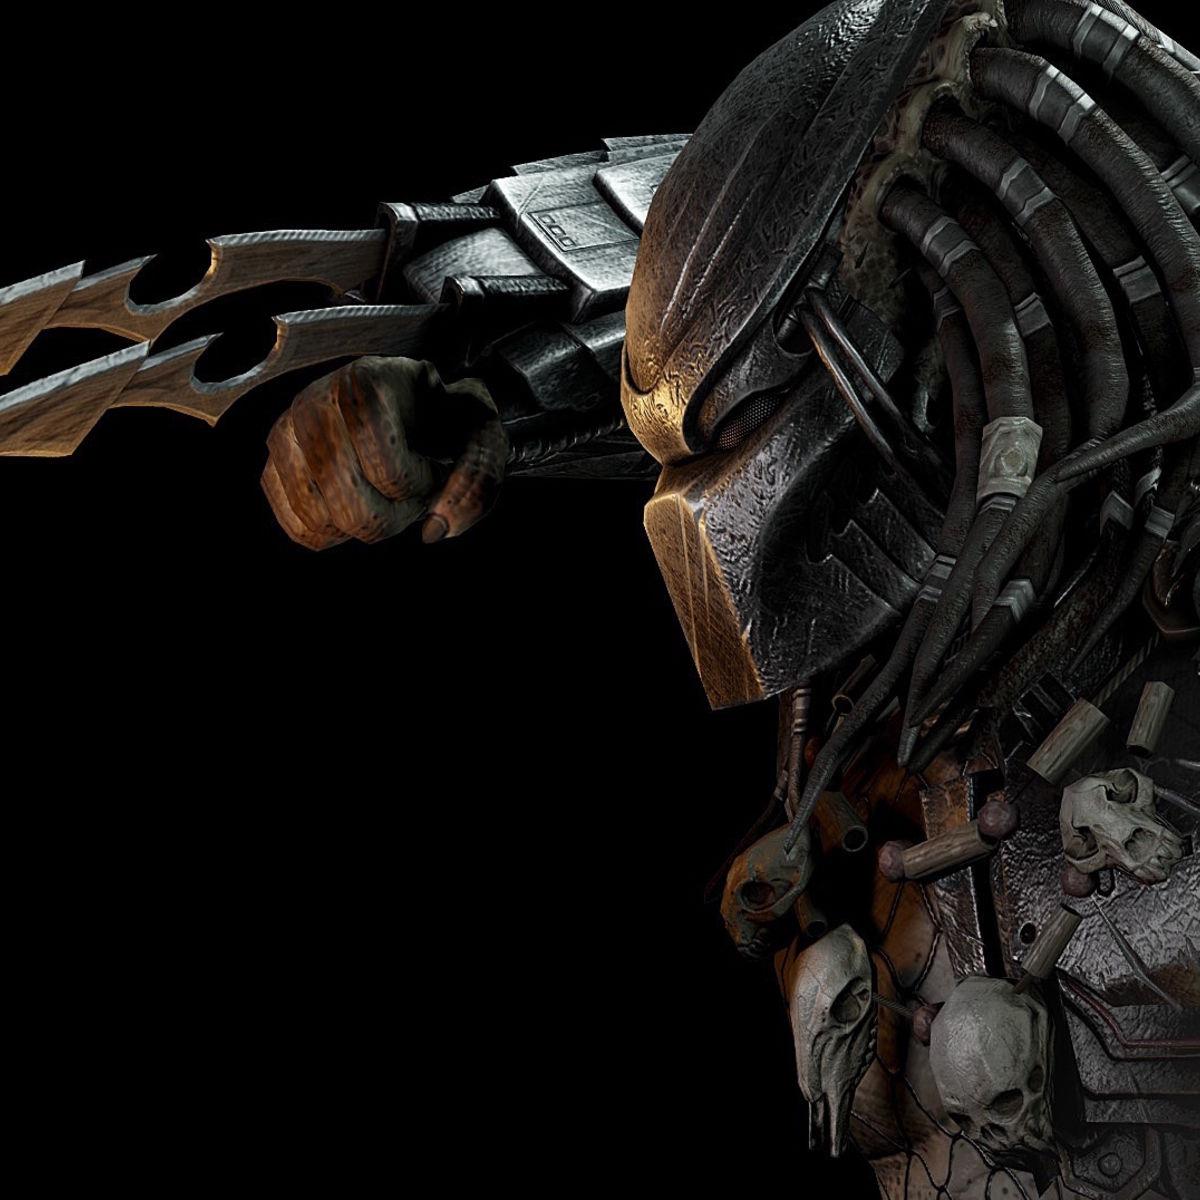 4514687-predator_001.jpg